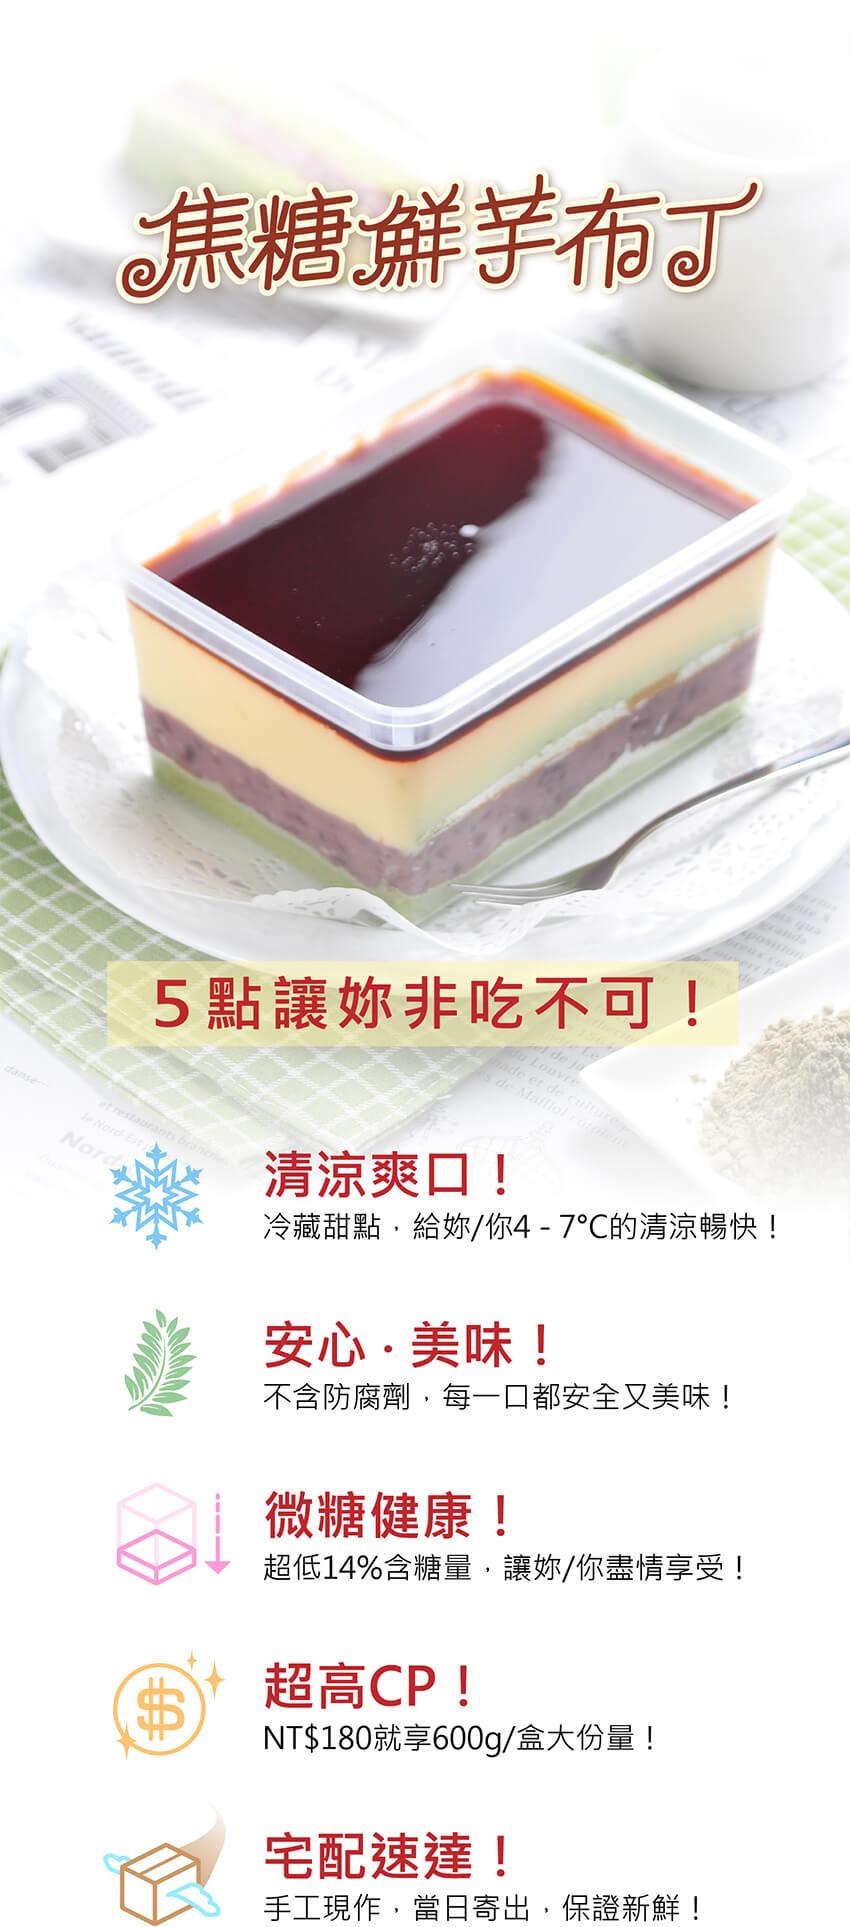 蘭田穀王烘焙坊焦糖相思布丁5大非吃不可的理由